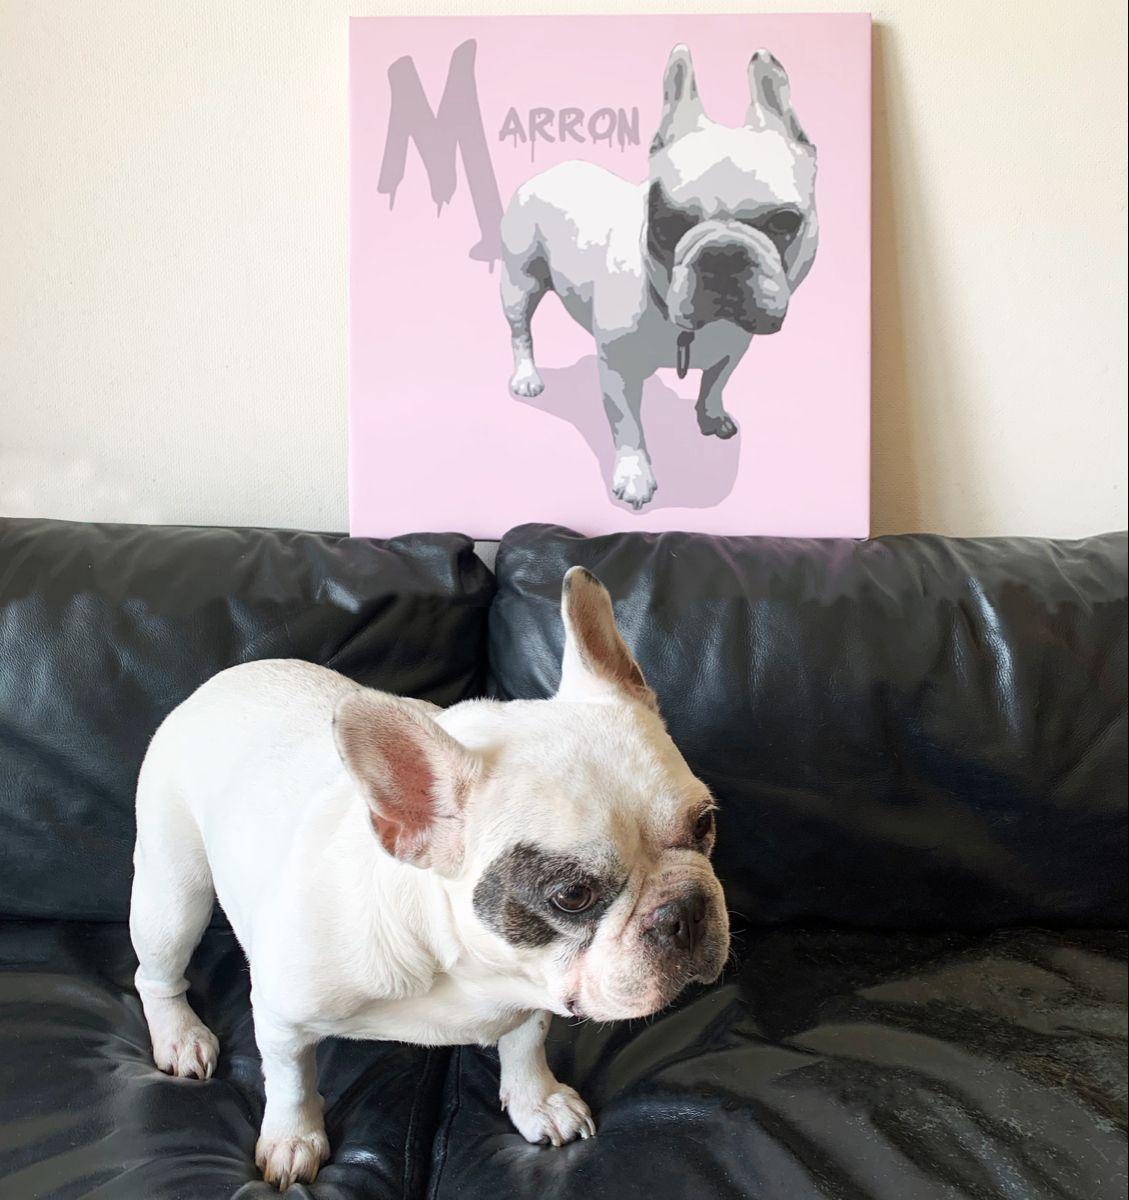 洗練された空間を演出します 可愛い貴方のペットをアートパネルにしてみませんか ペットのイラスト作成 ココナラ ペット アートパネル 可愛いワンちゃん